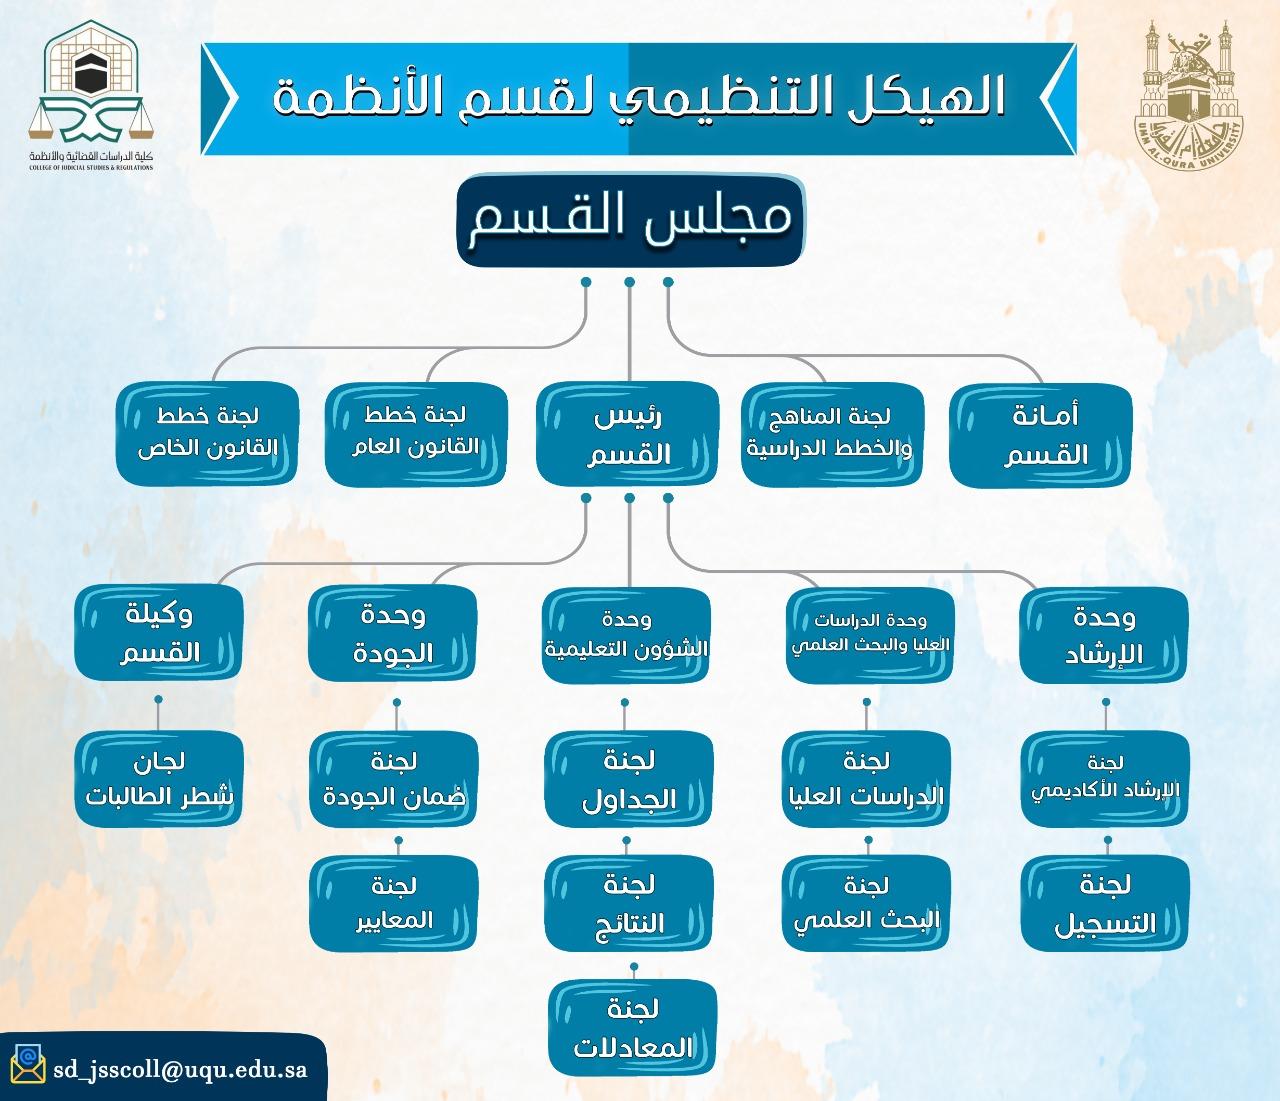 الهيكل التنضيمي لقسم الأنظمة